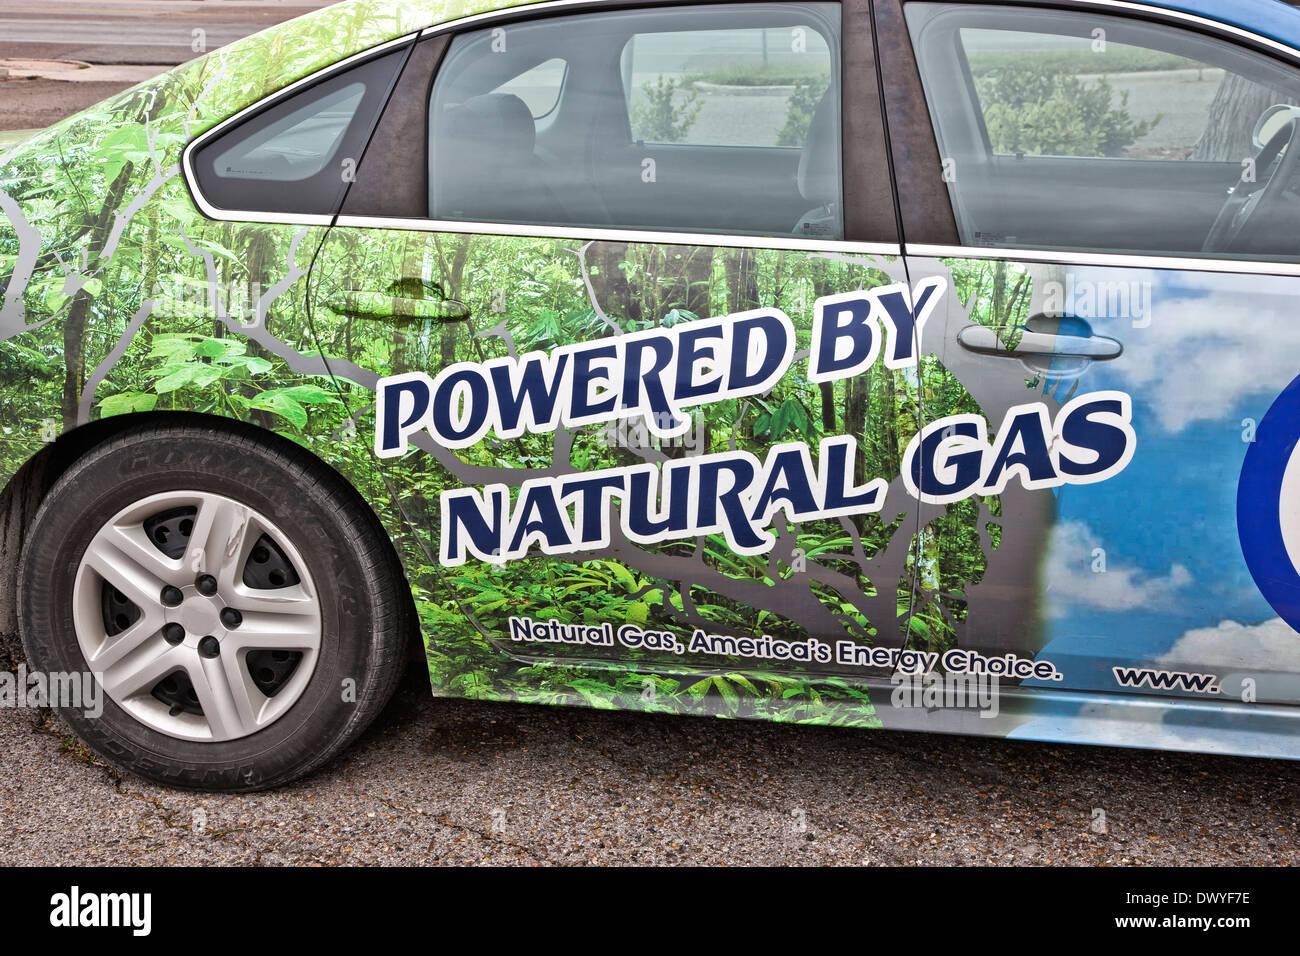 Automobile fonctionnant au gaz naturel comprimé. Photo Stock